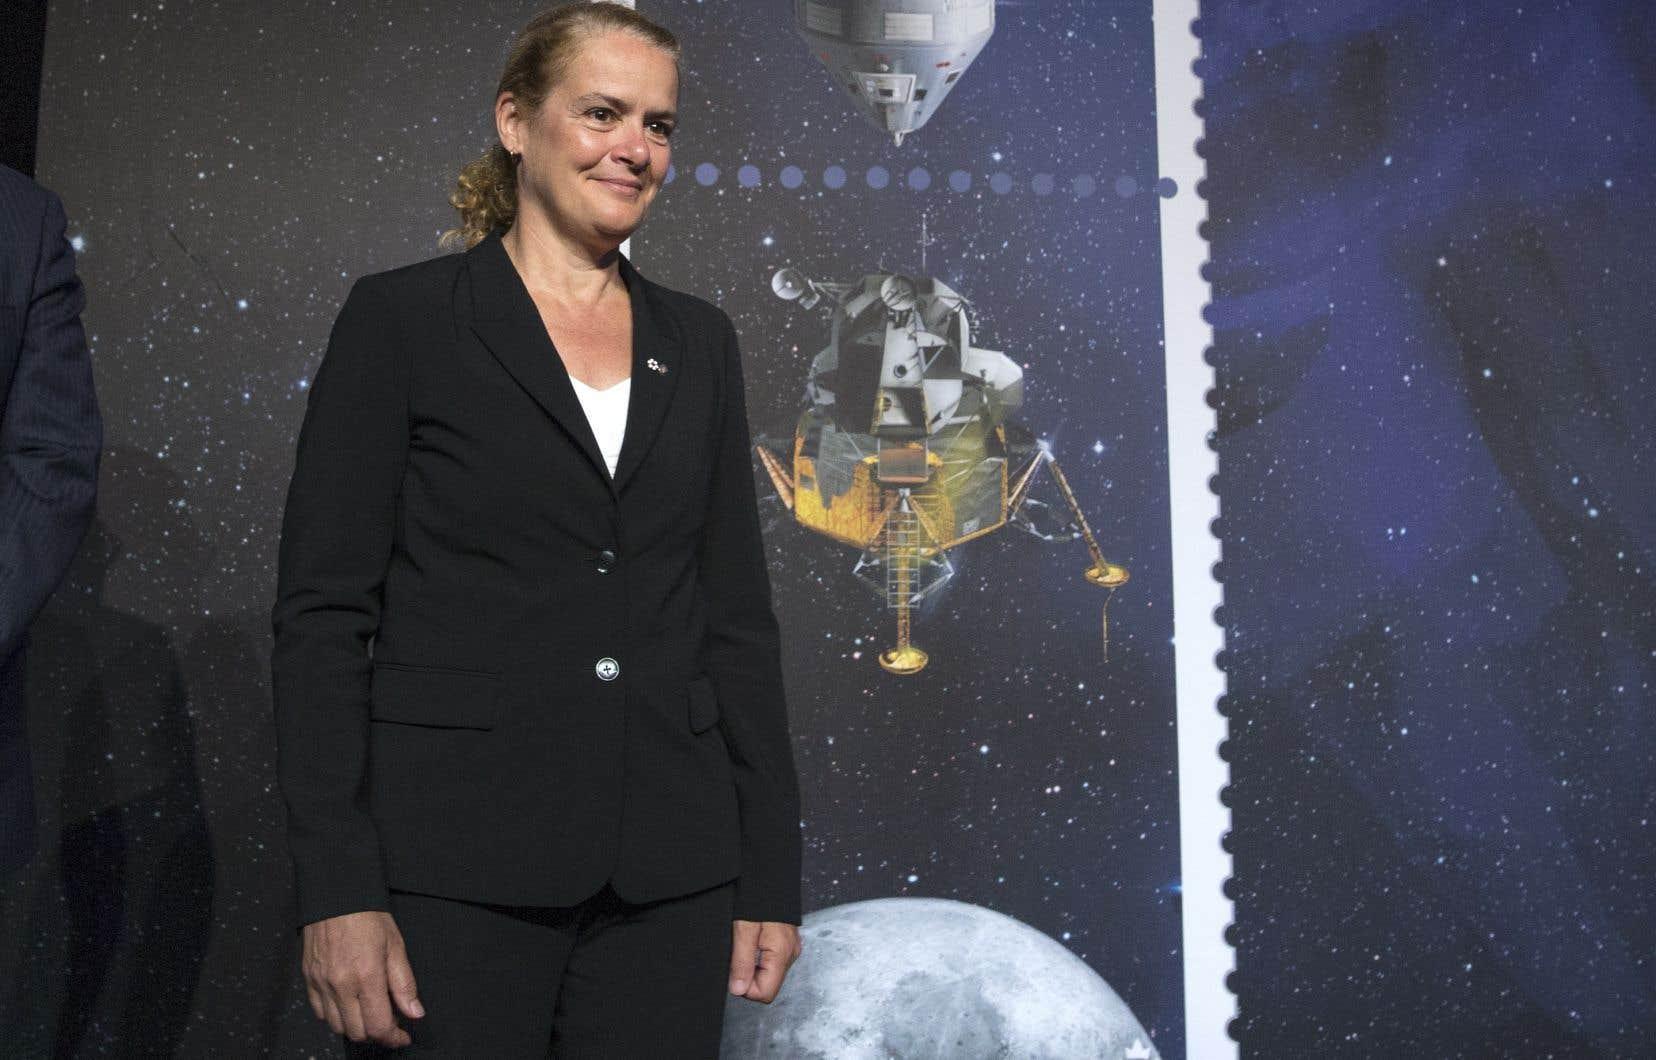 La gouverneure générale du Canada, Julie Payette, qui a été astronaute en chef de l'Agence spatiale canadienne entre 2000 et 2007, était présente lors du dévoilement des timbres.